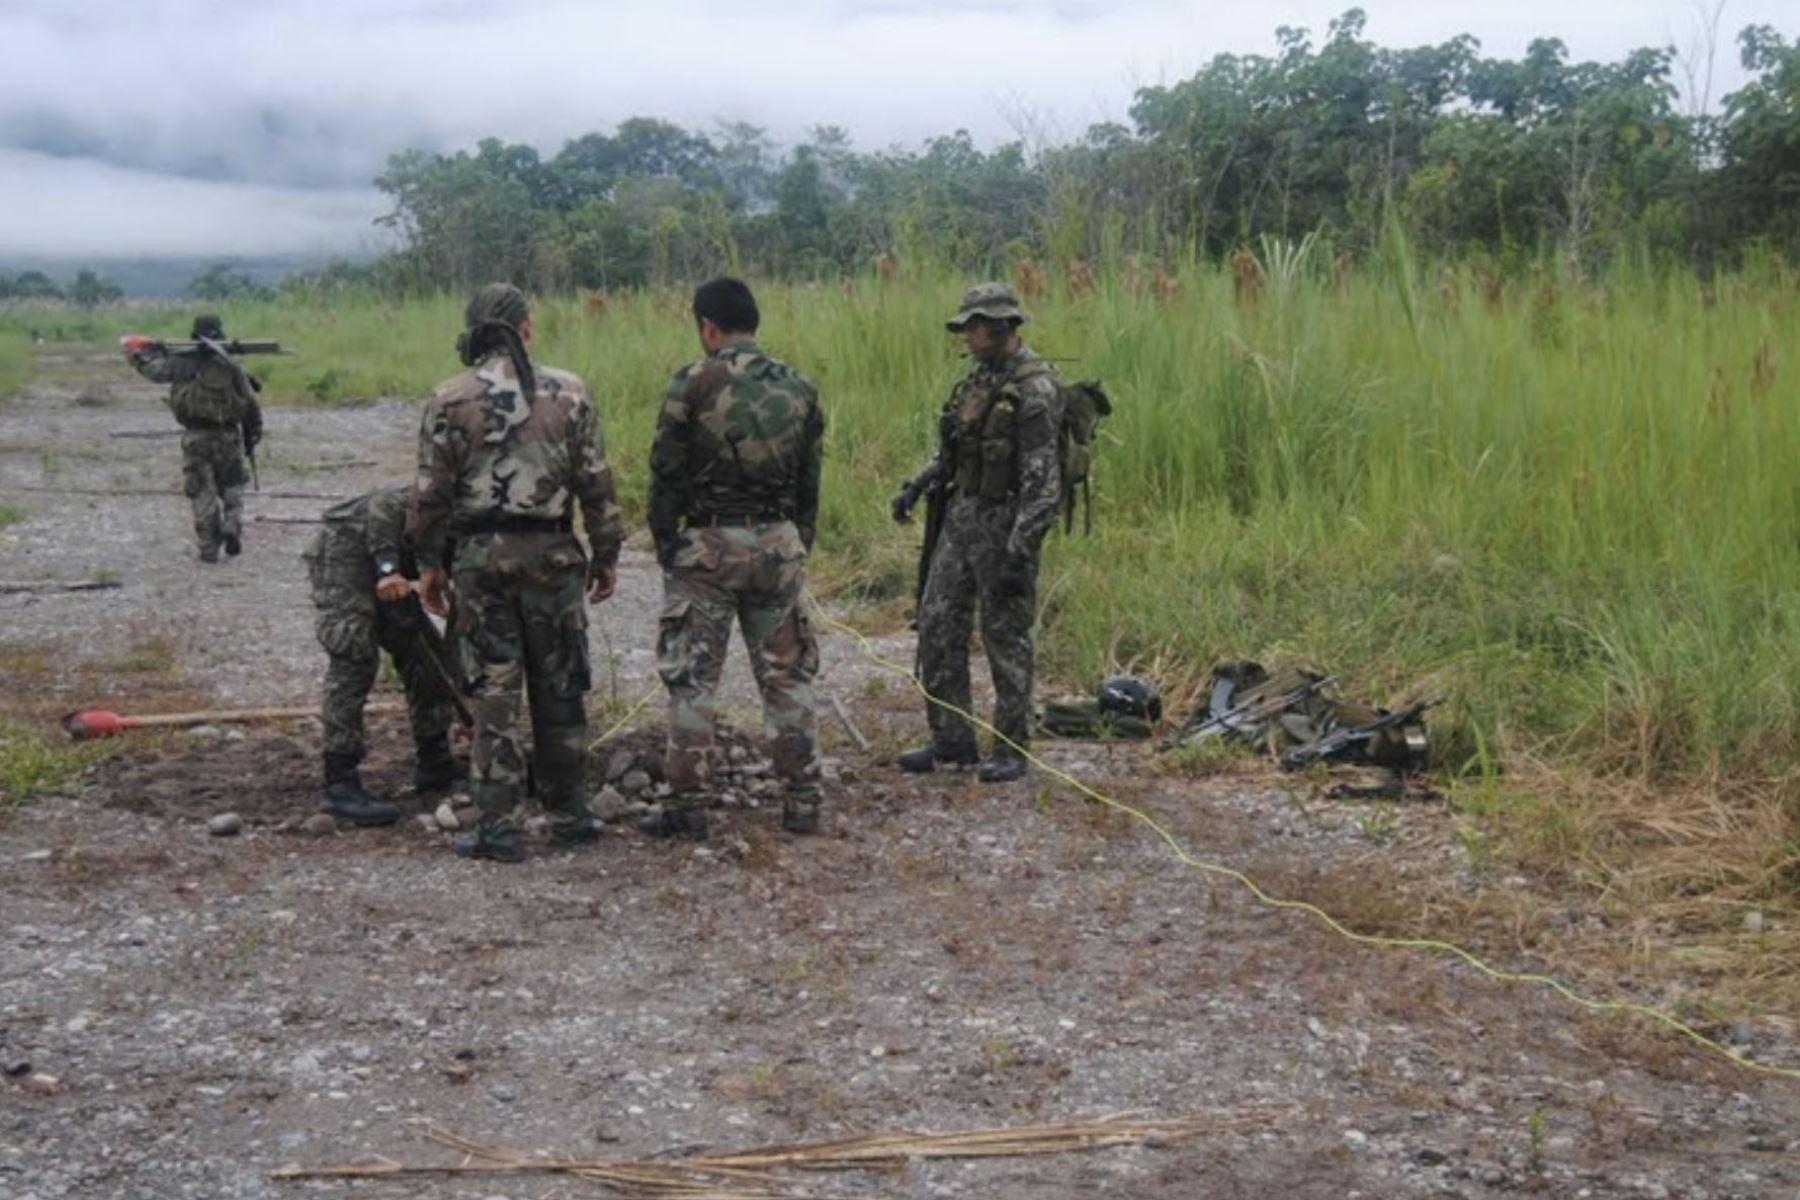 Efectivos de las Fuerzas Armadas y de la Policía Nacional tuvieron un enfrentamiento con una columna terrorista en el Vraem.